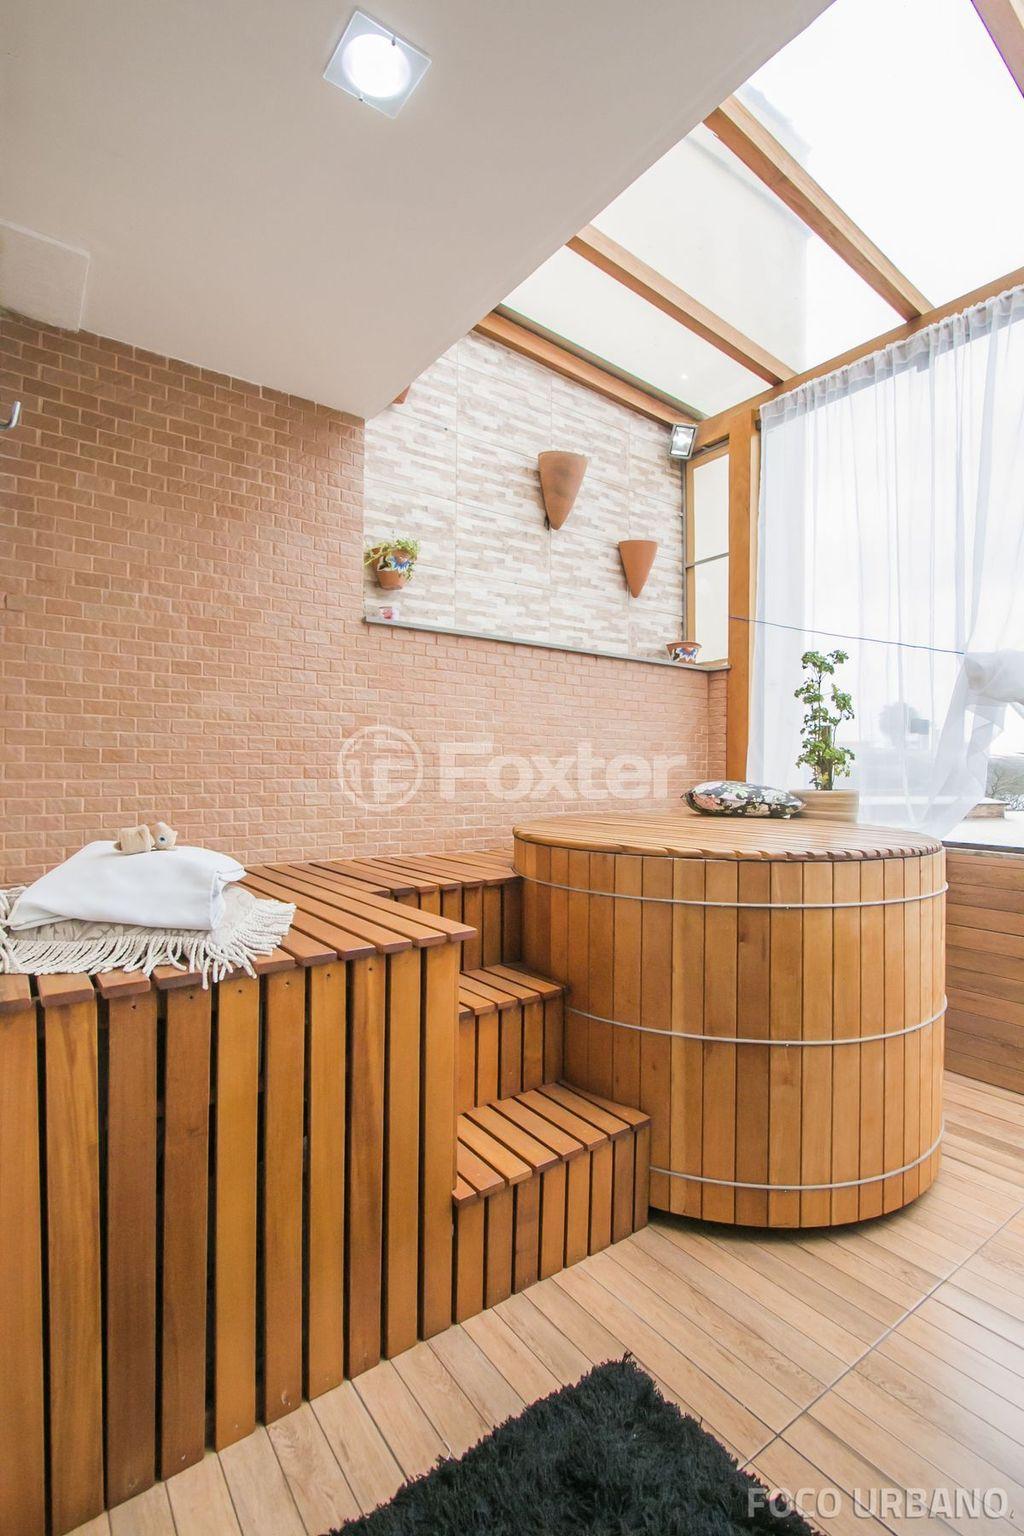 Foxter Imobiliária - Cobertura 2 Dorm (146243) - Foto 5